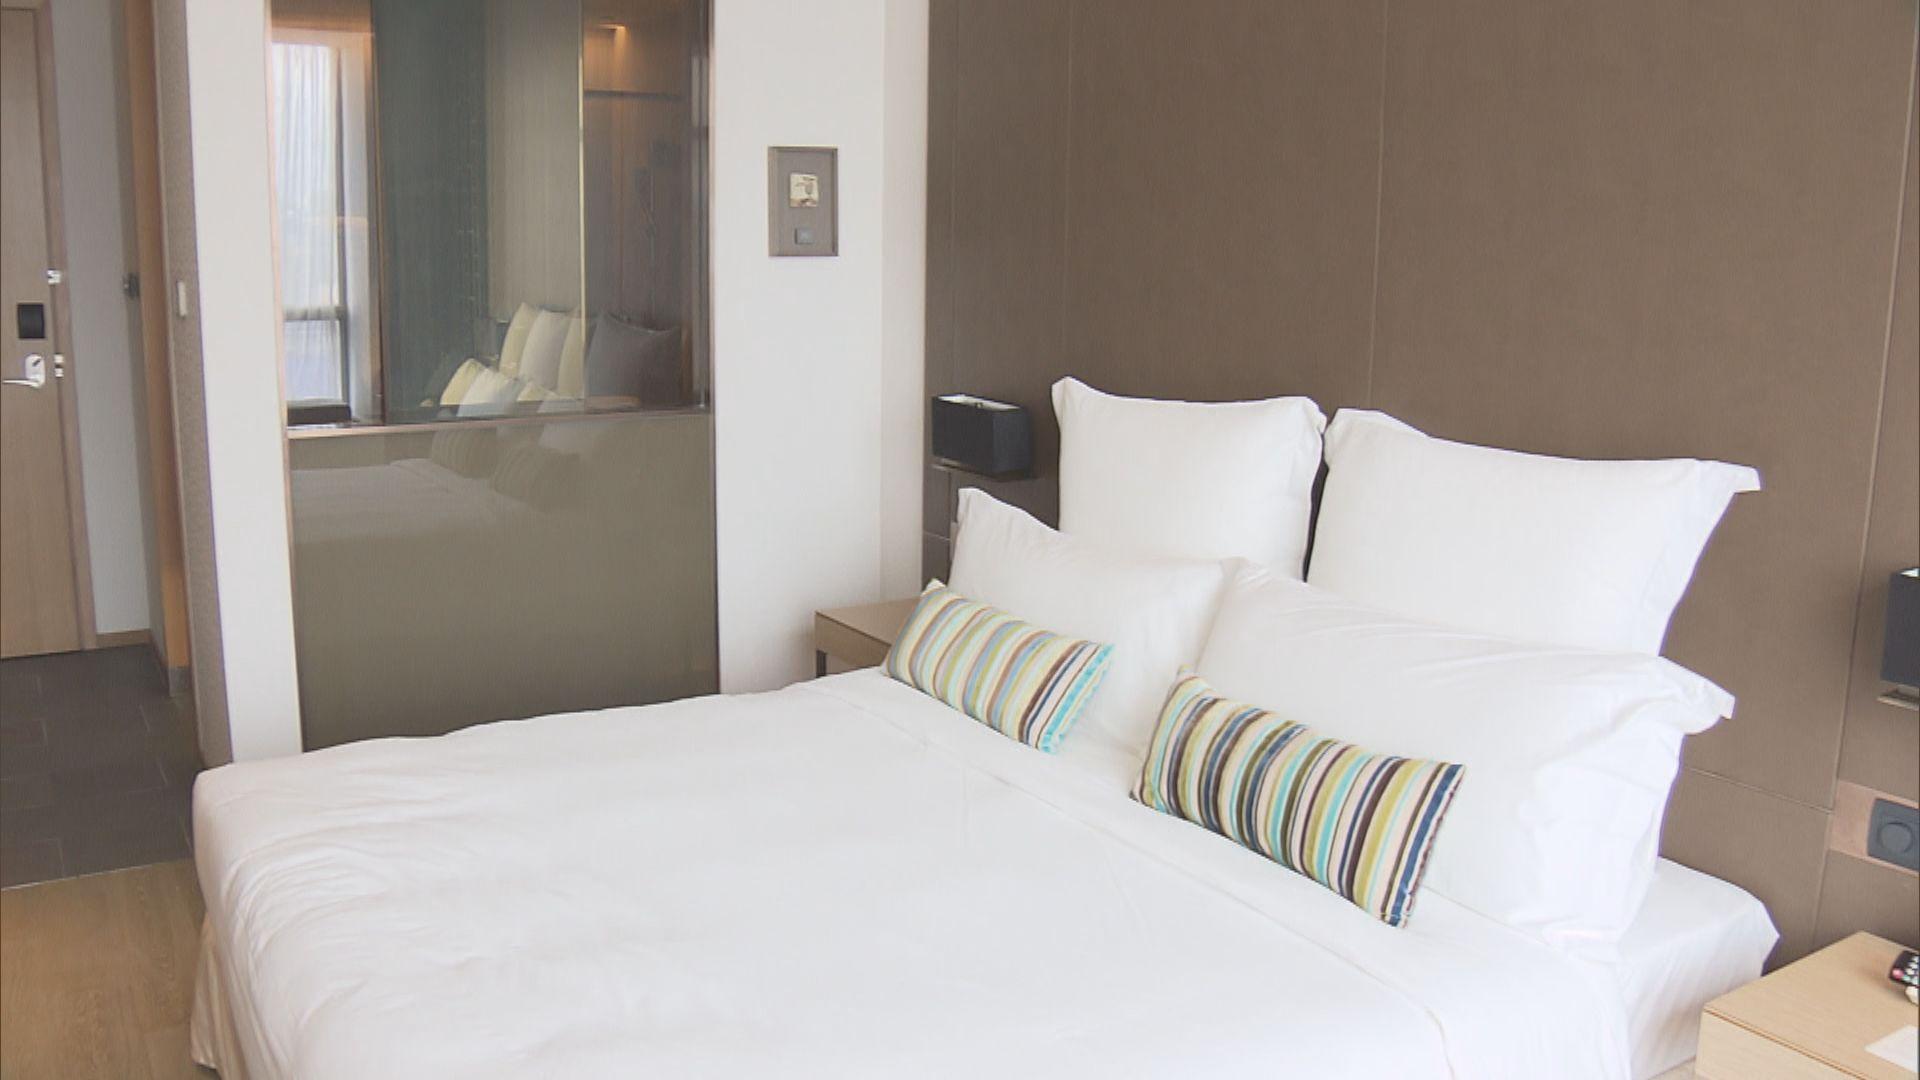 【免費食住】有酒店為旅發局「賞你住」計劃度身訂造優惠吸引本地客